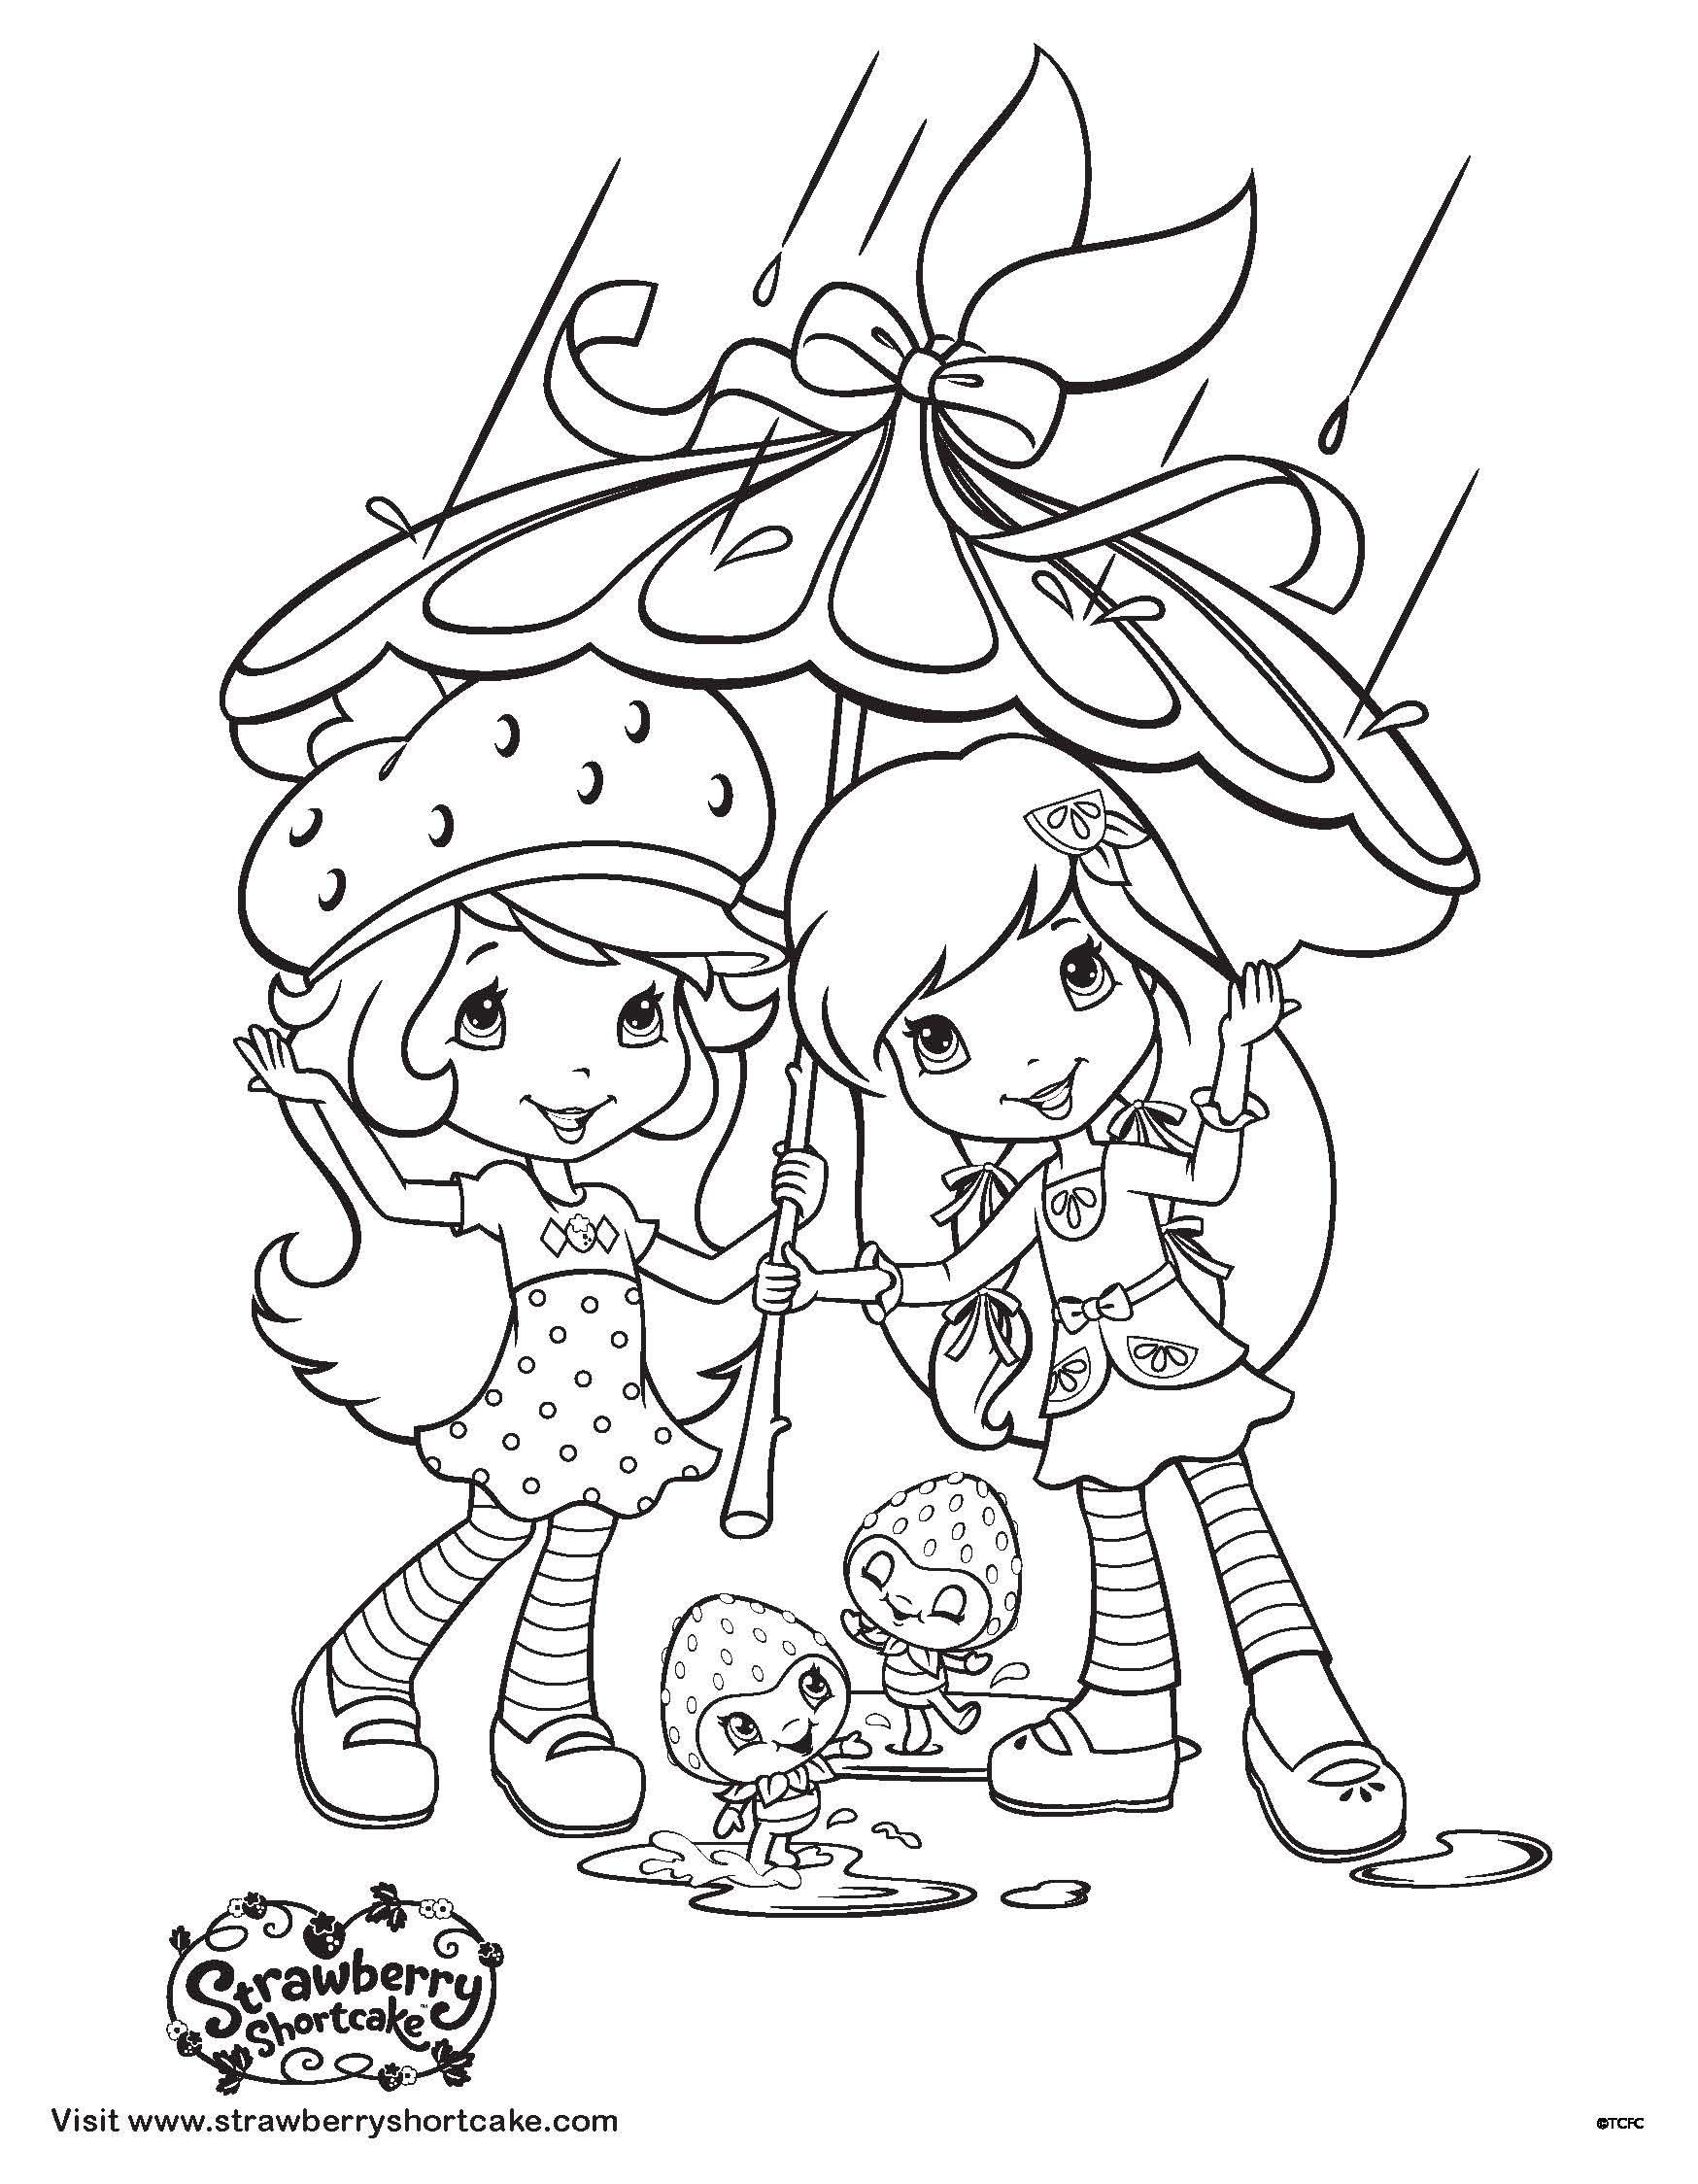 Strawberry Shortcake Coloring Sheet April Showers Bring May